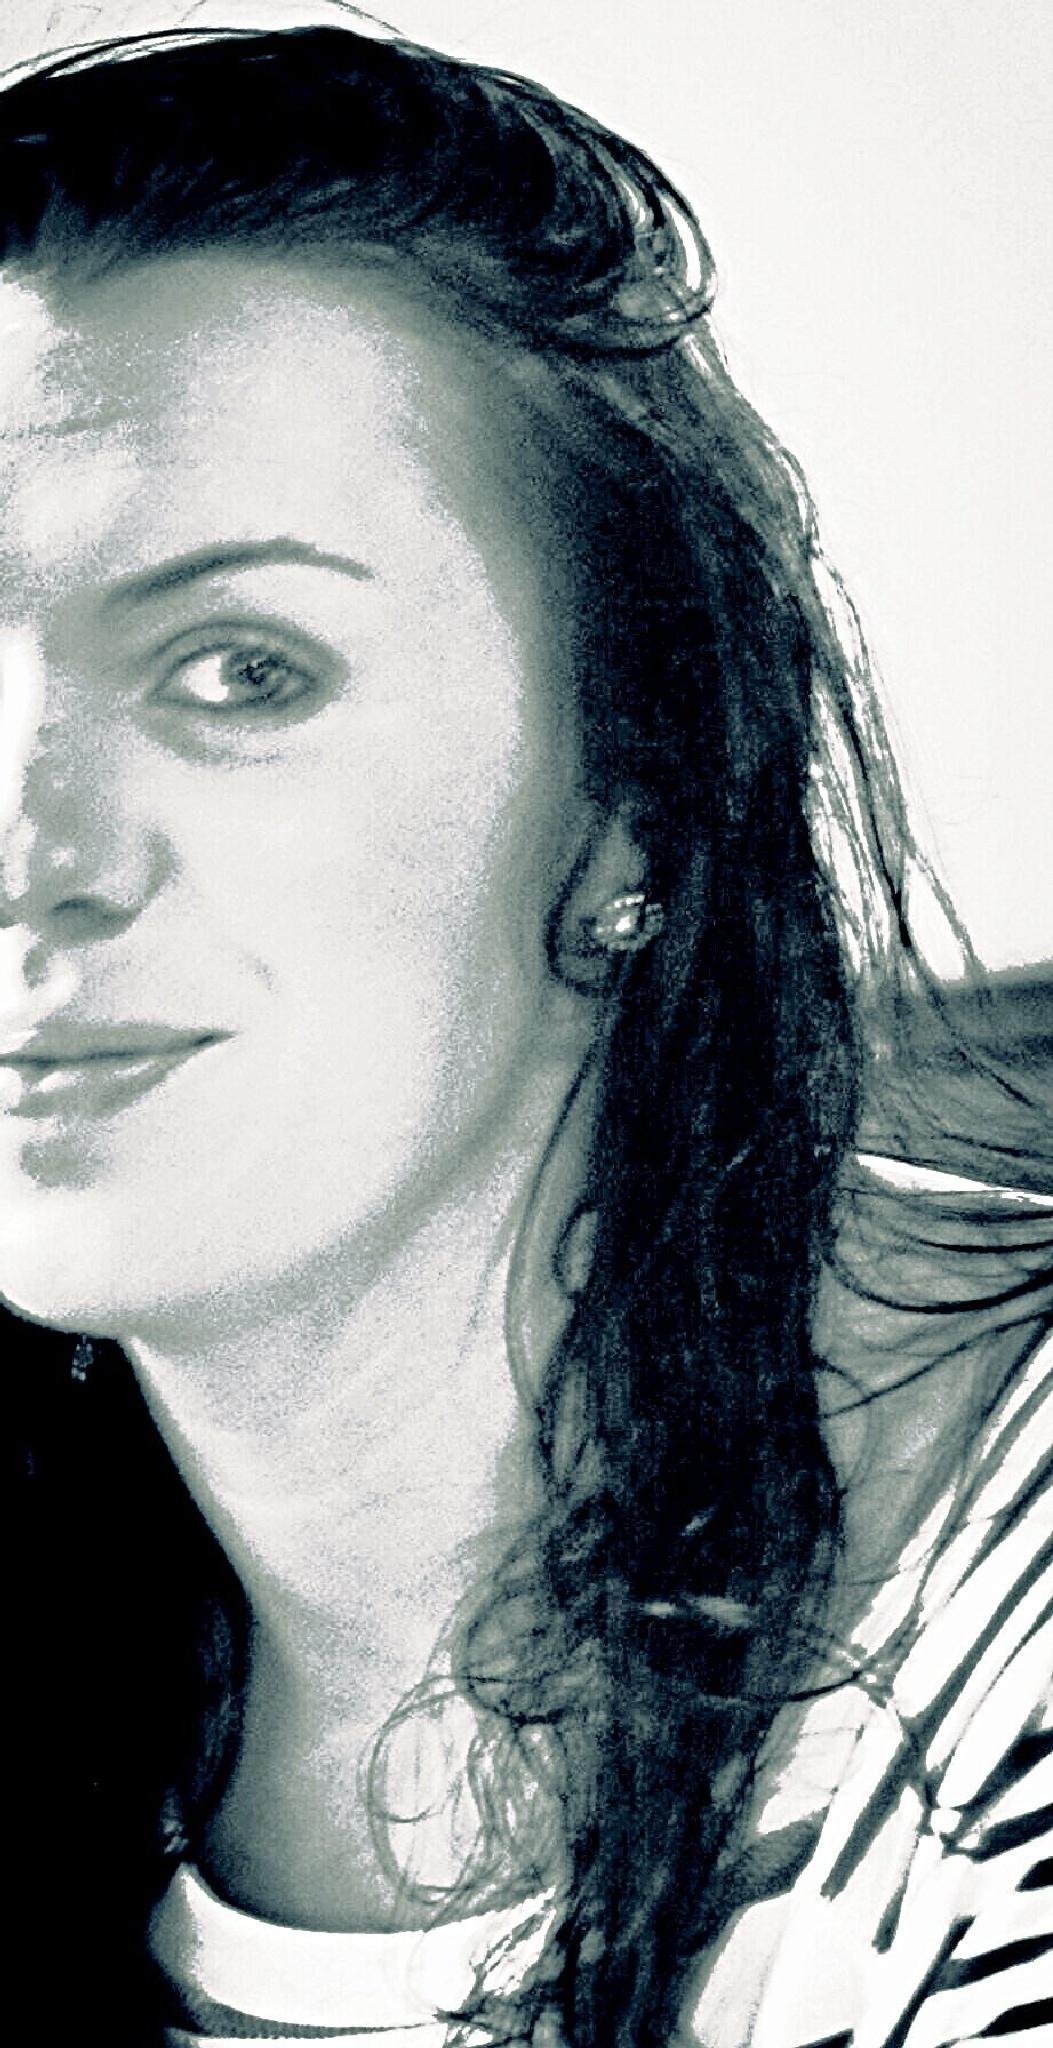 Portrait 1 by joann.kunkle